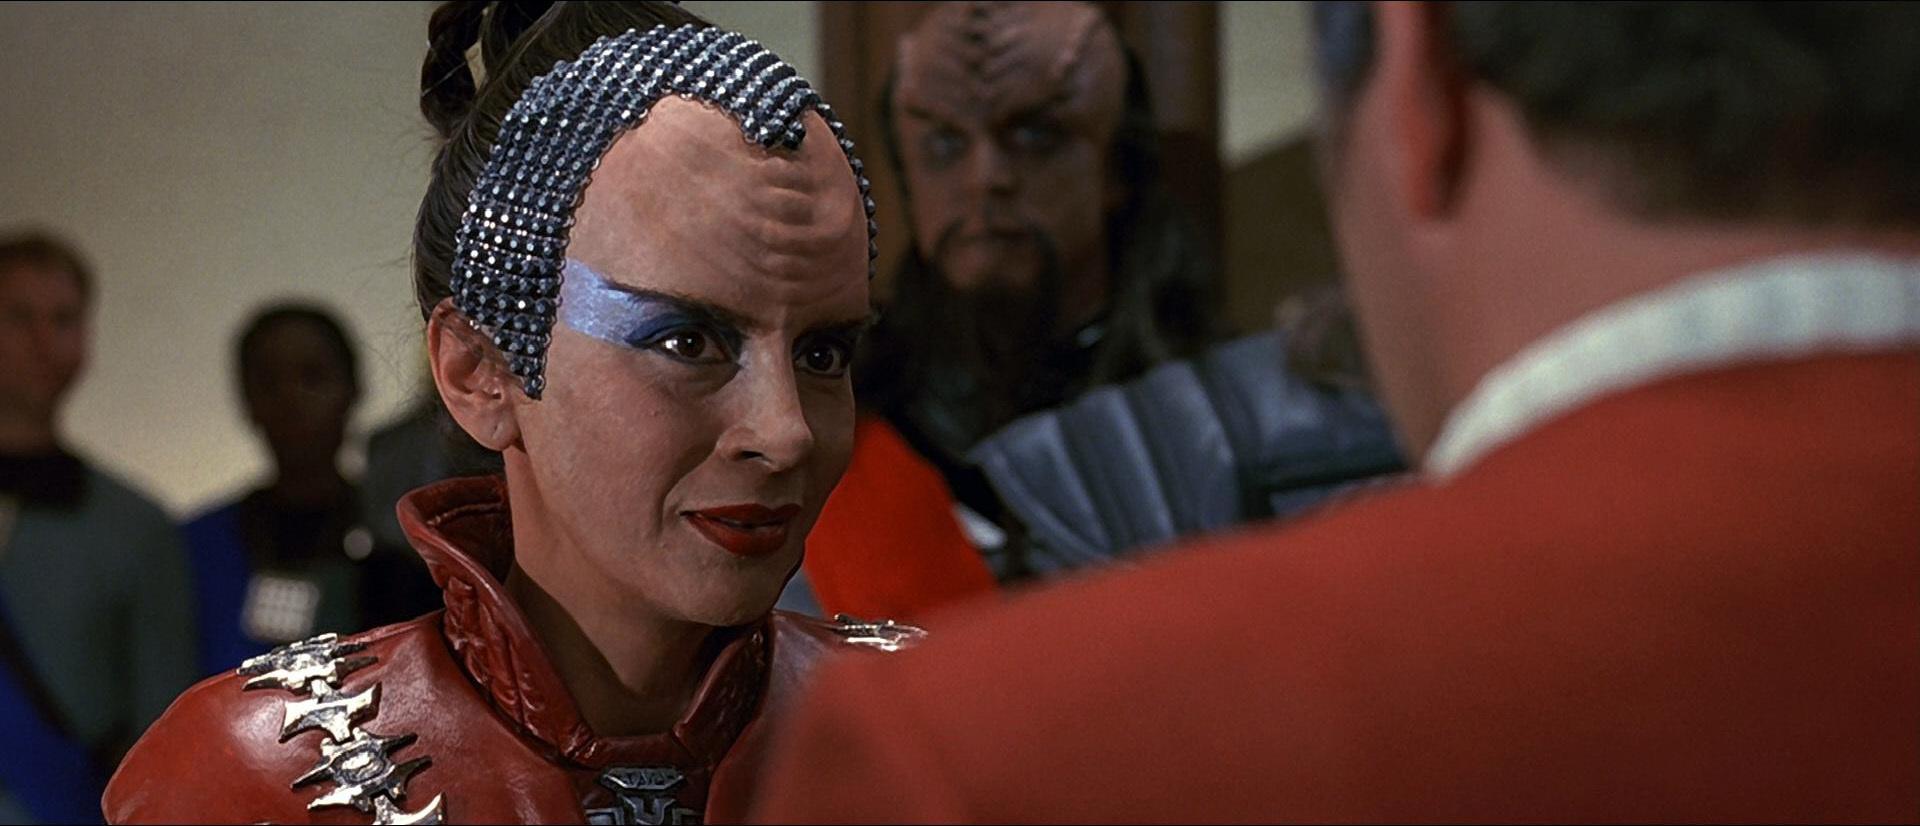 The Klingons make nice with Captain Kirk.